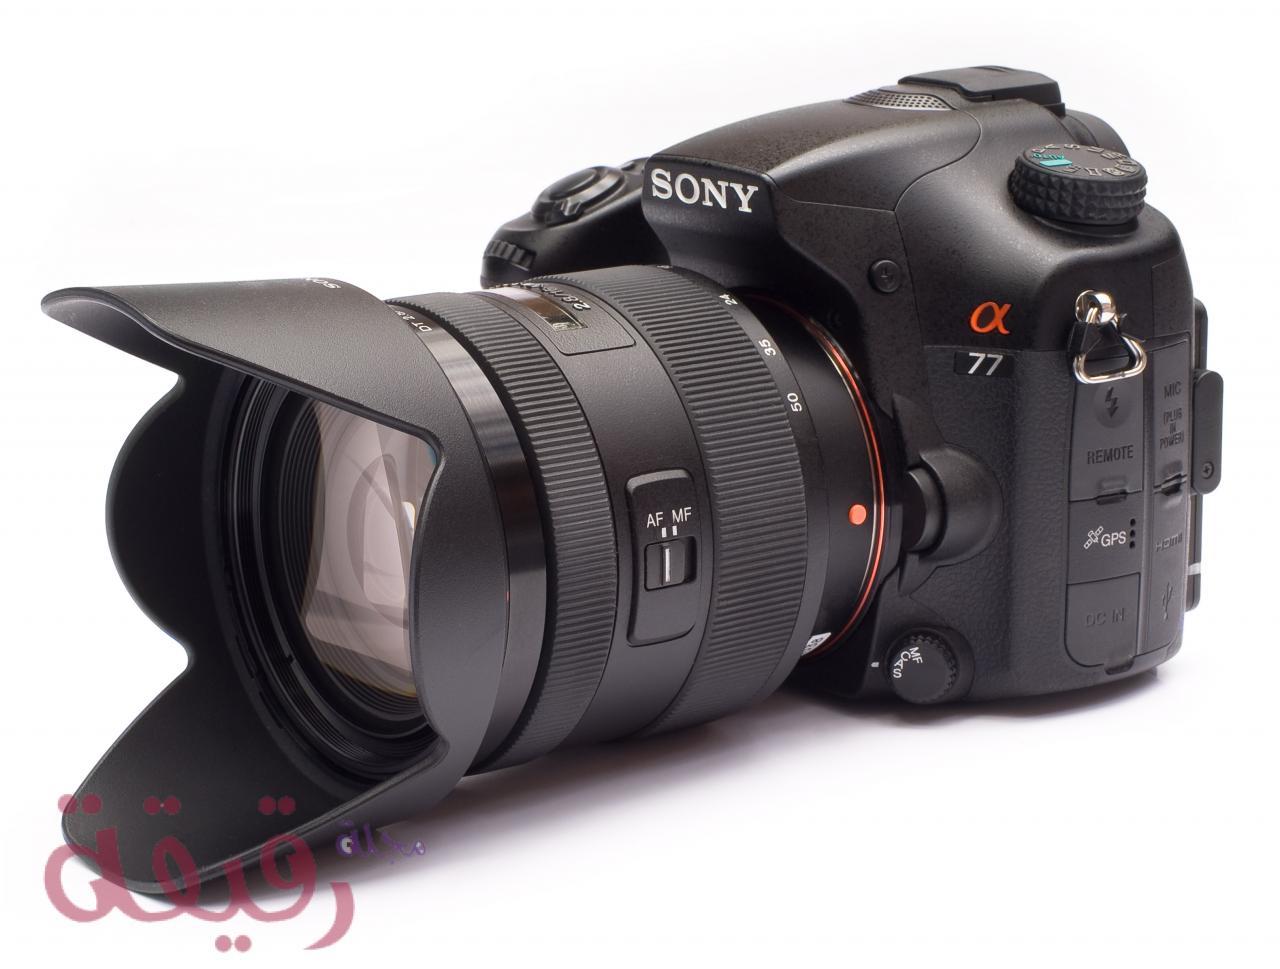 صورة افضل كاميرات الفيديو , تعرف على الكاميرات للفيديو